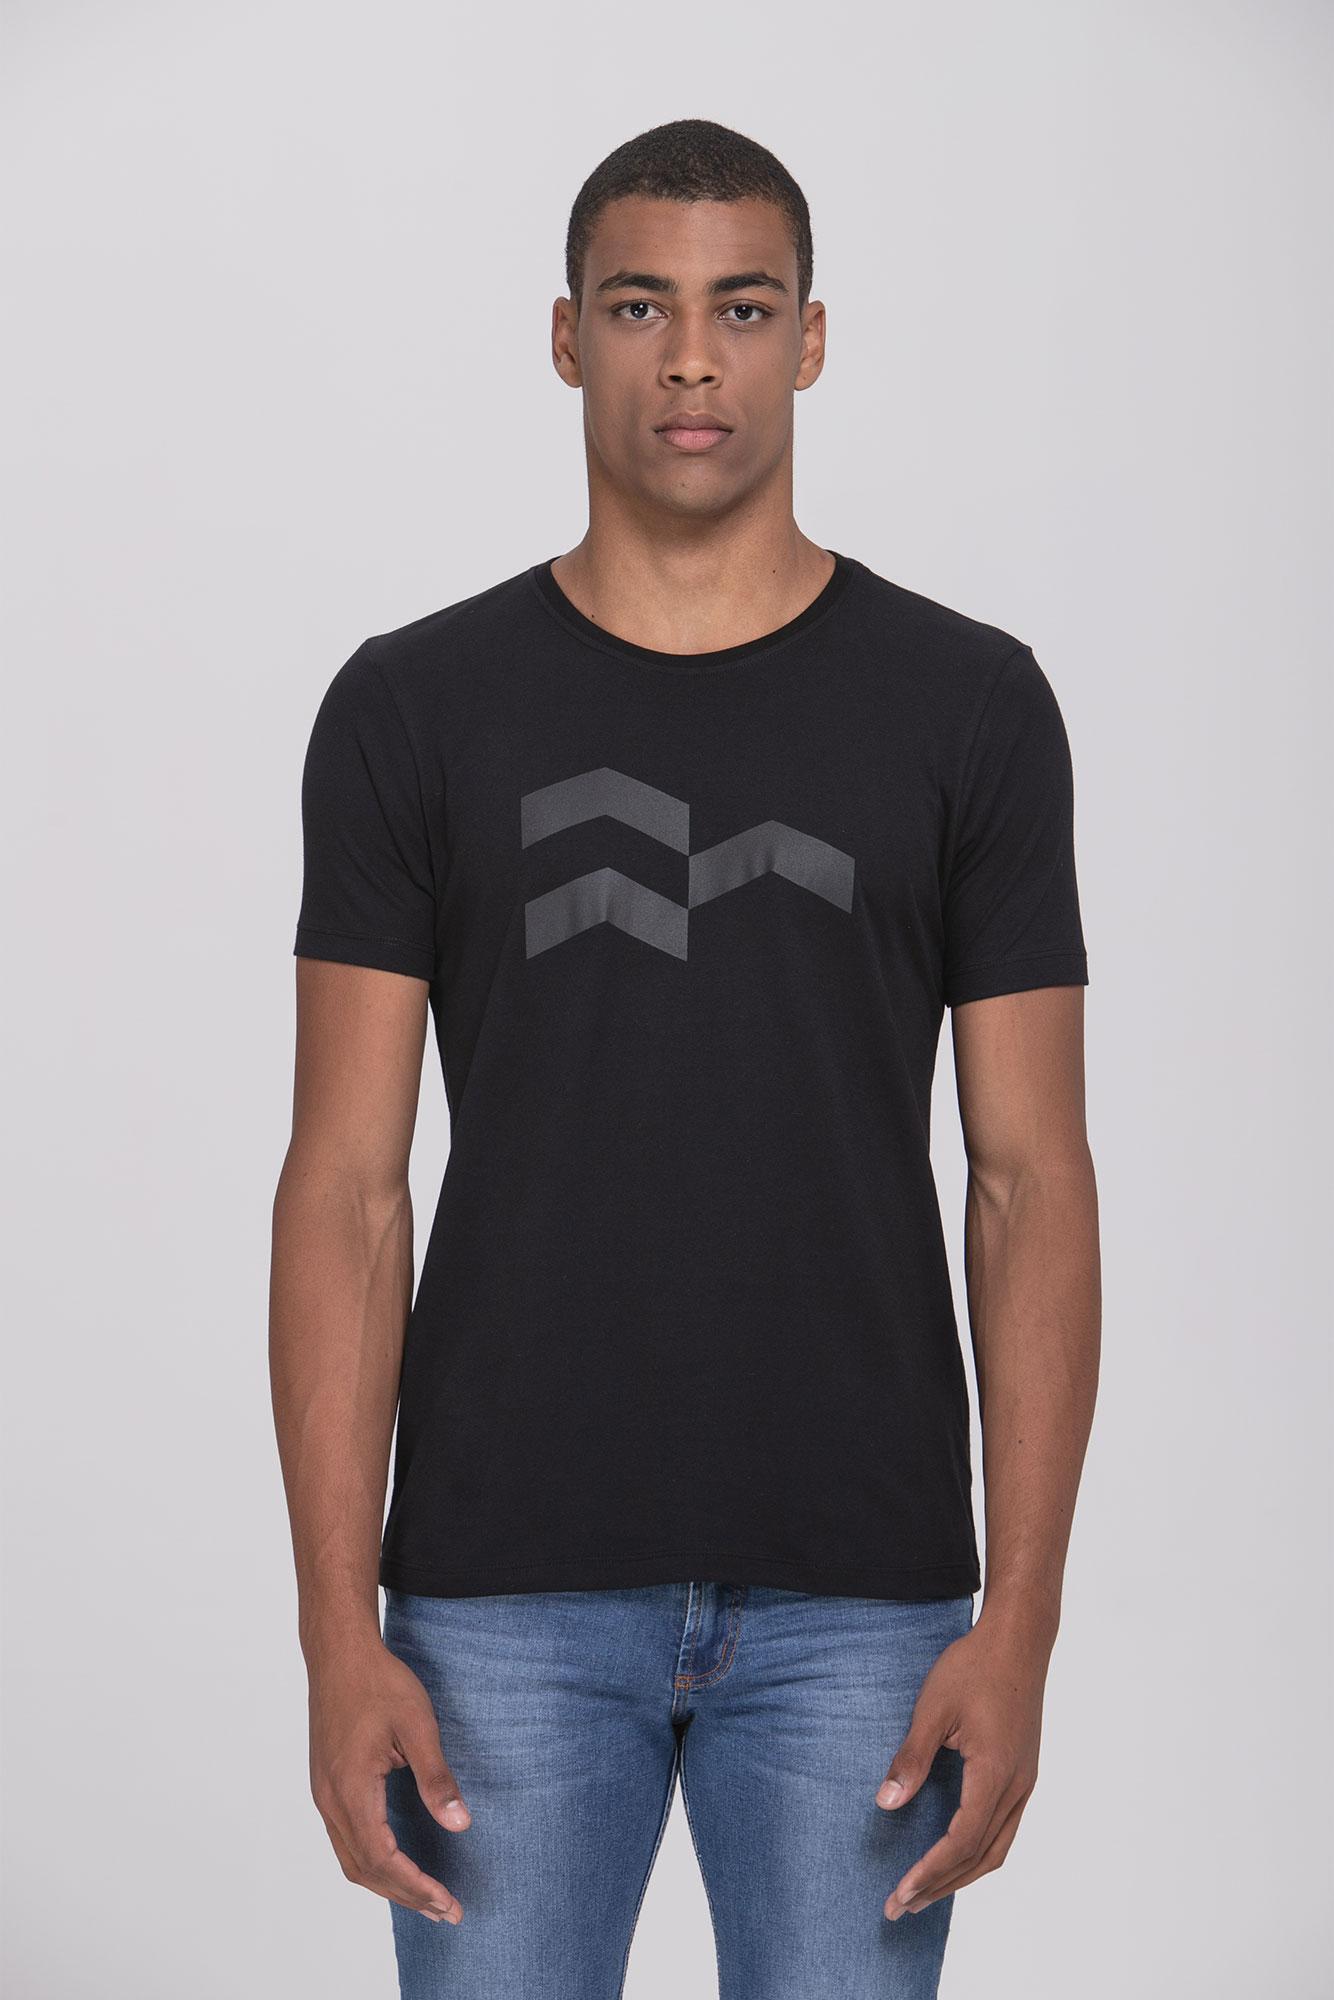 Camiseta Símbolo Gráfico Black Black